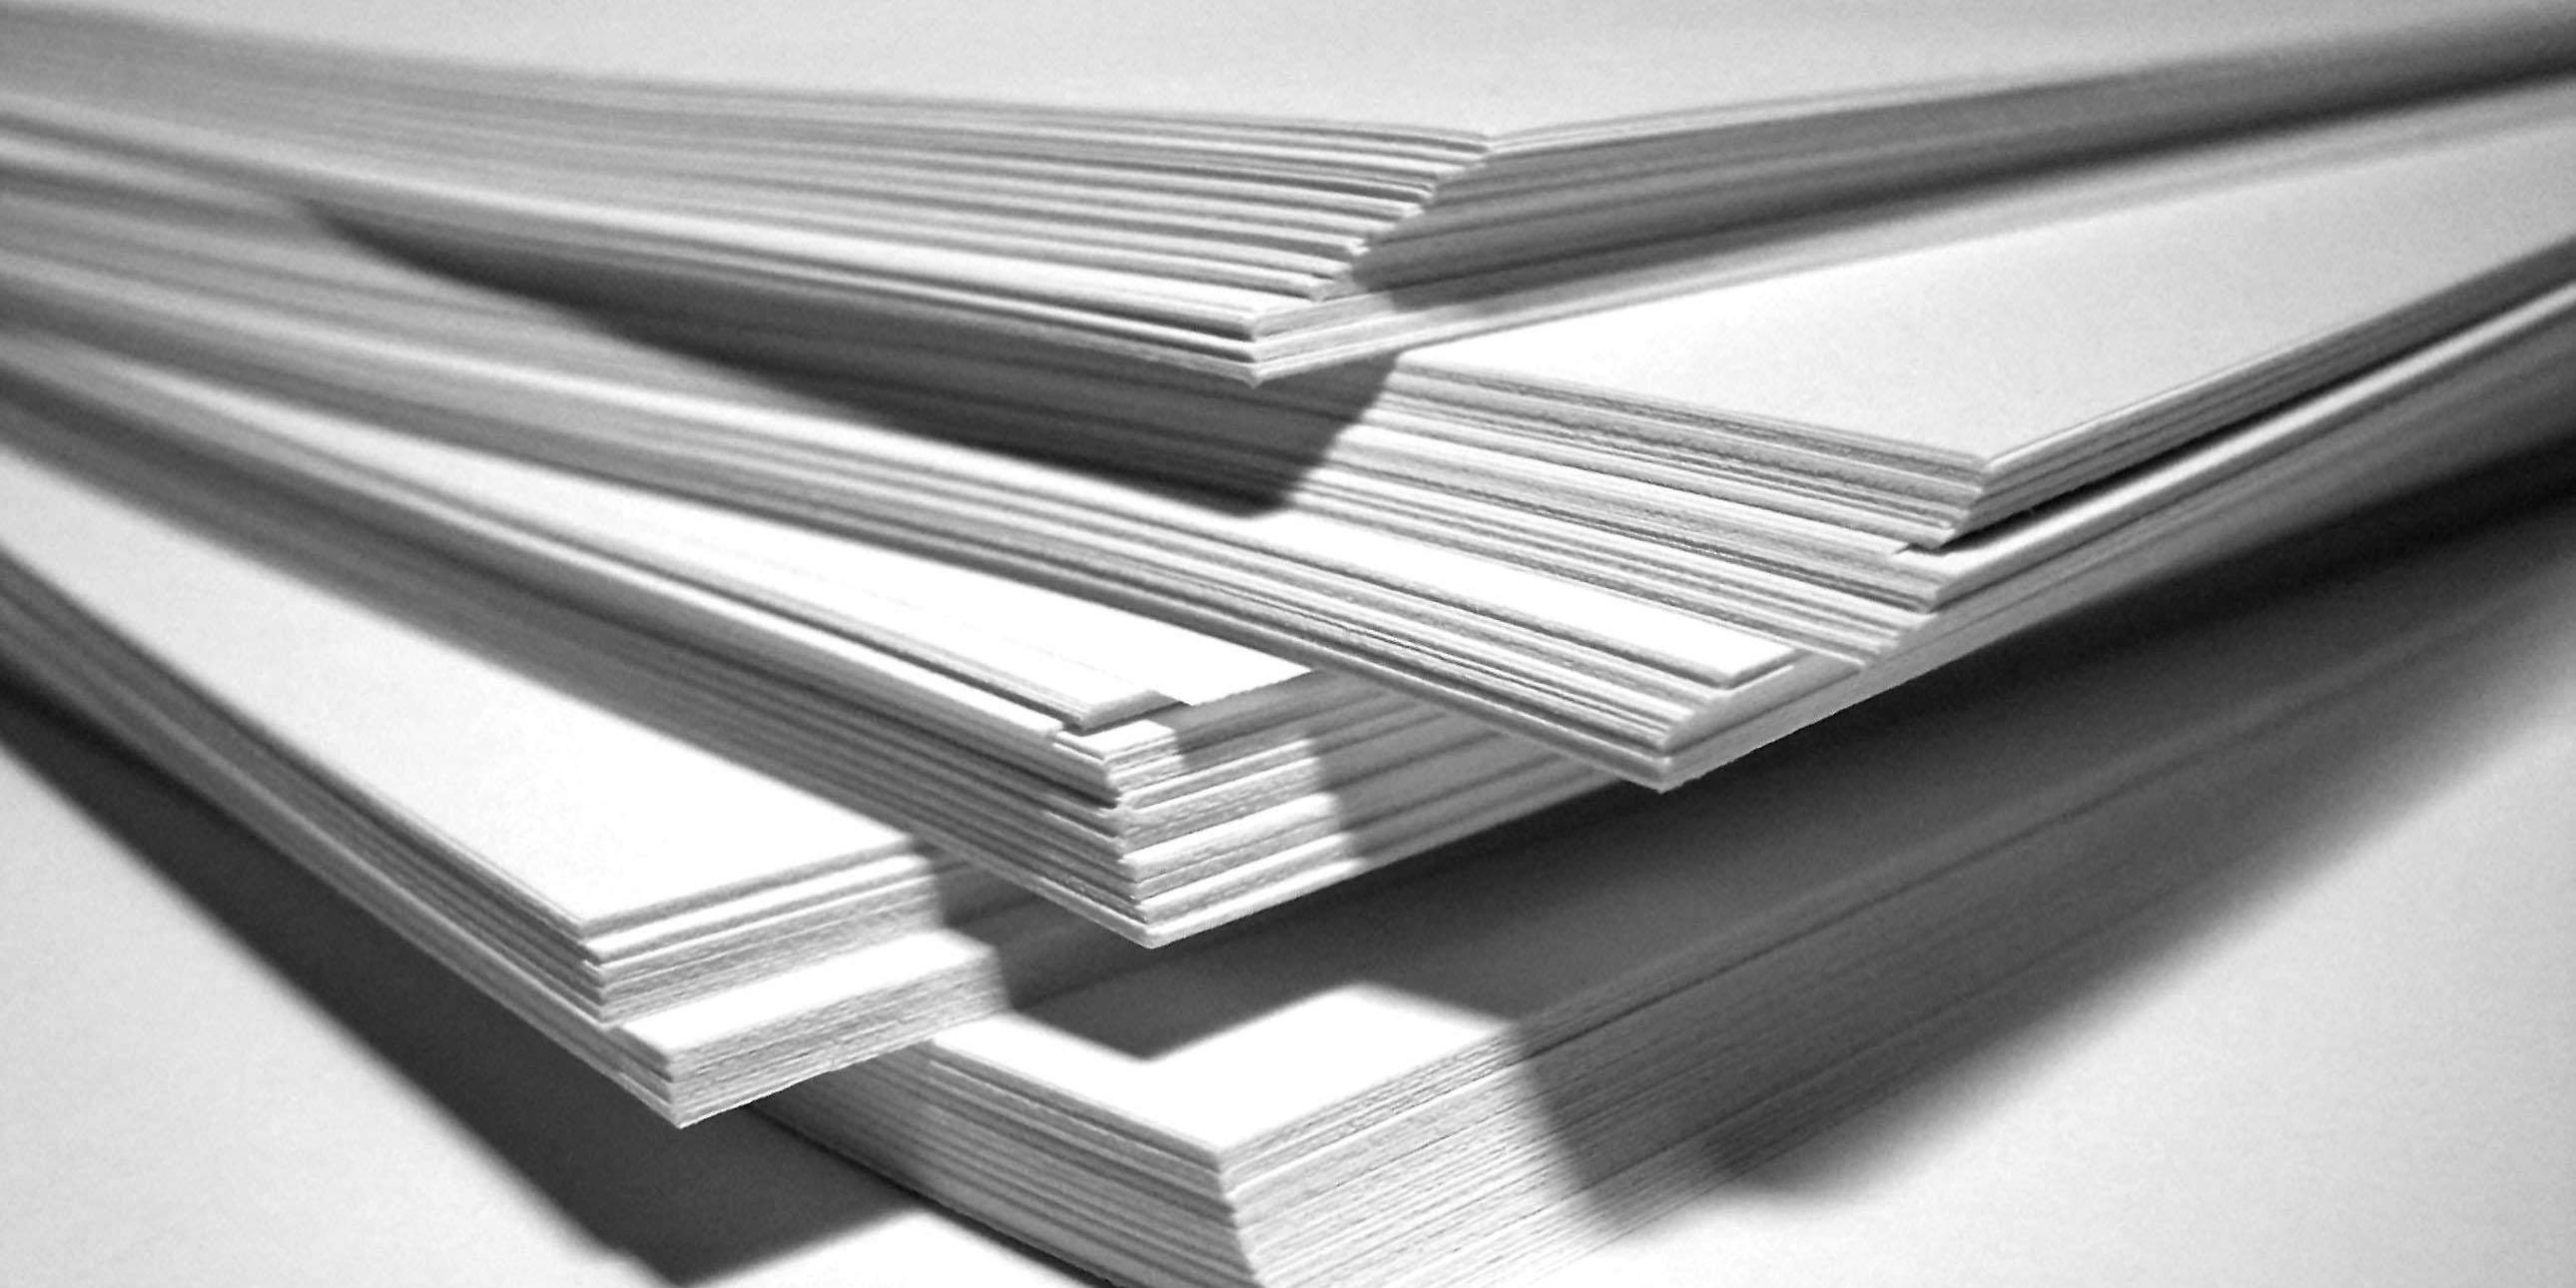 حذف ارز مبادلهای واردات مقوا به نفع صنعت کاغذ نیست